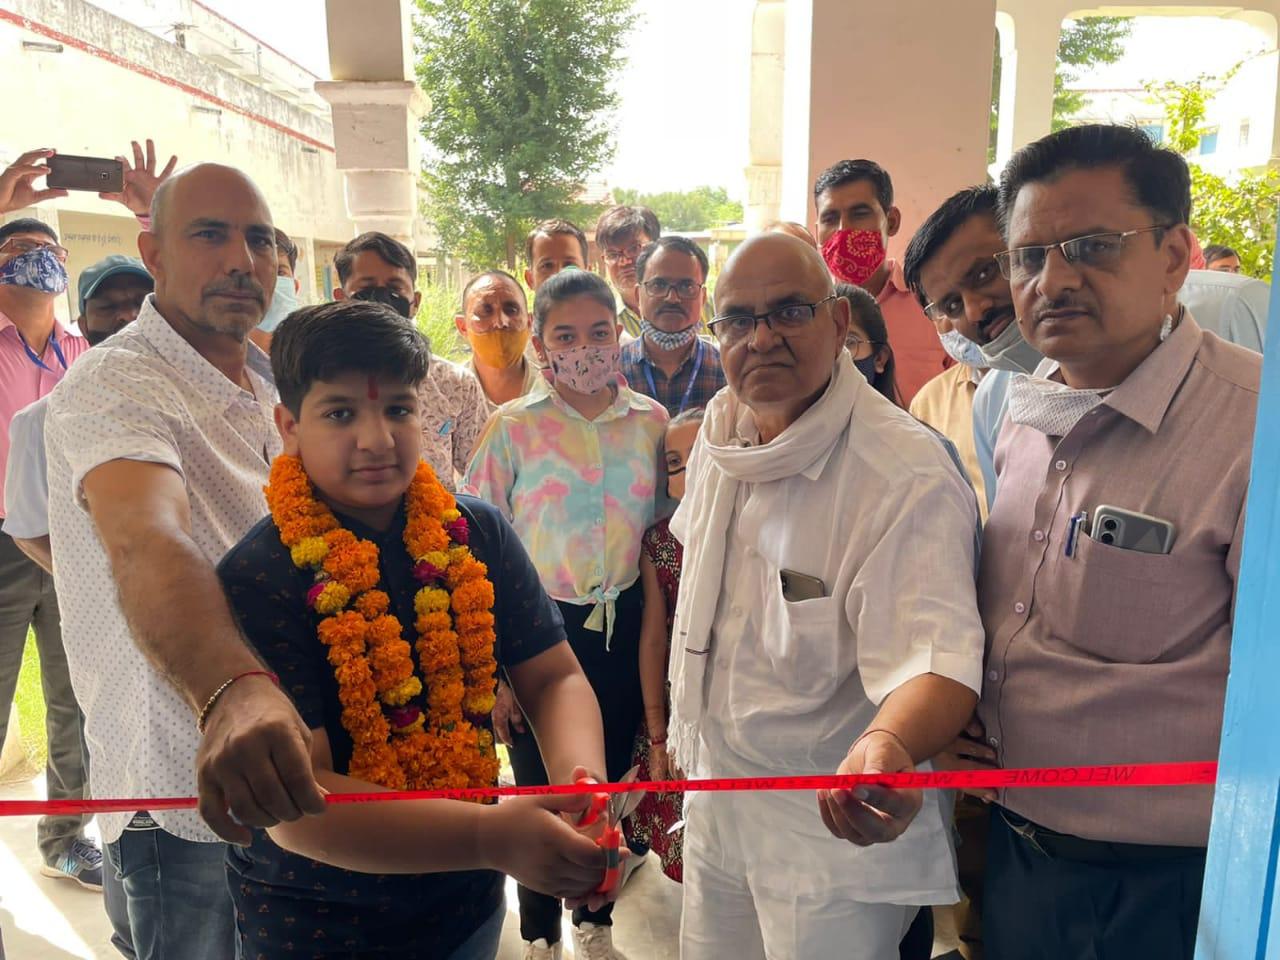 भामाशाह लक्ष्मीनारायण पुजारी का स्कूल परिसर में सम्मान समारोह आयोजित हुआ